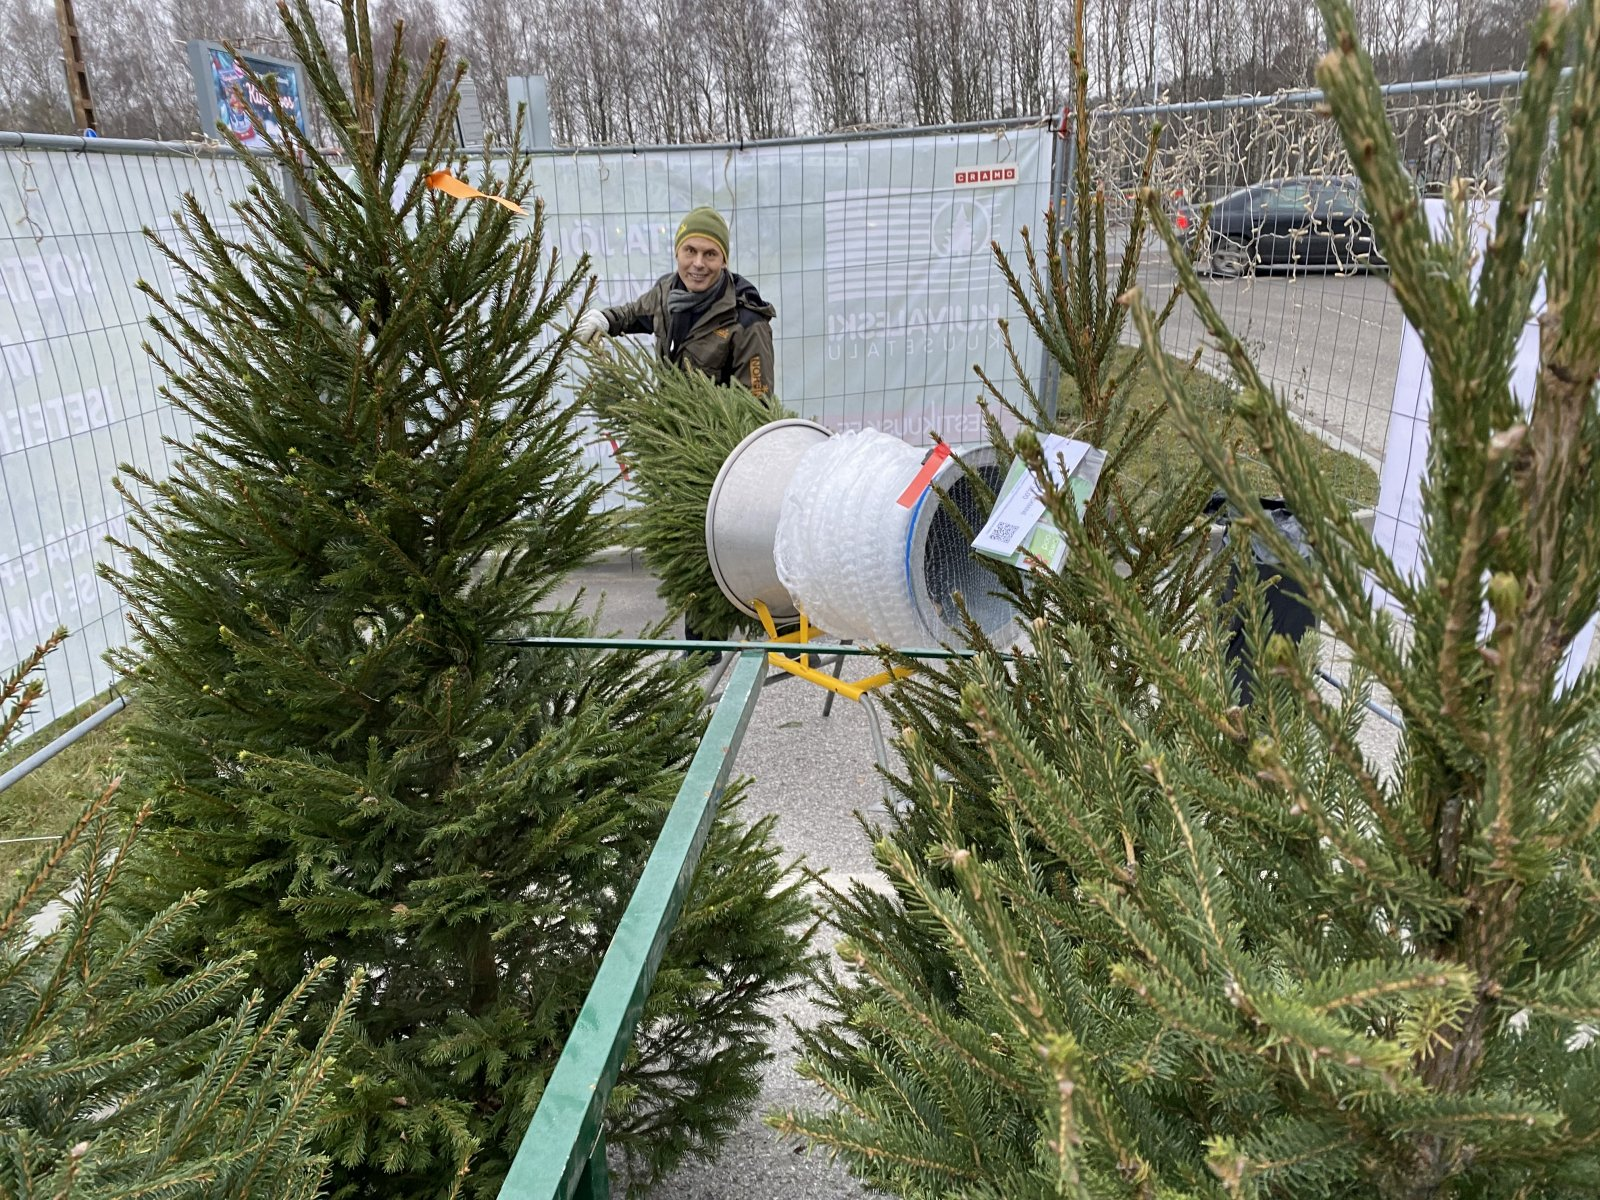 Eestis avati esimesed ööpäev läbi toimivad jõulupuude iseteeninduspunktid: